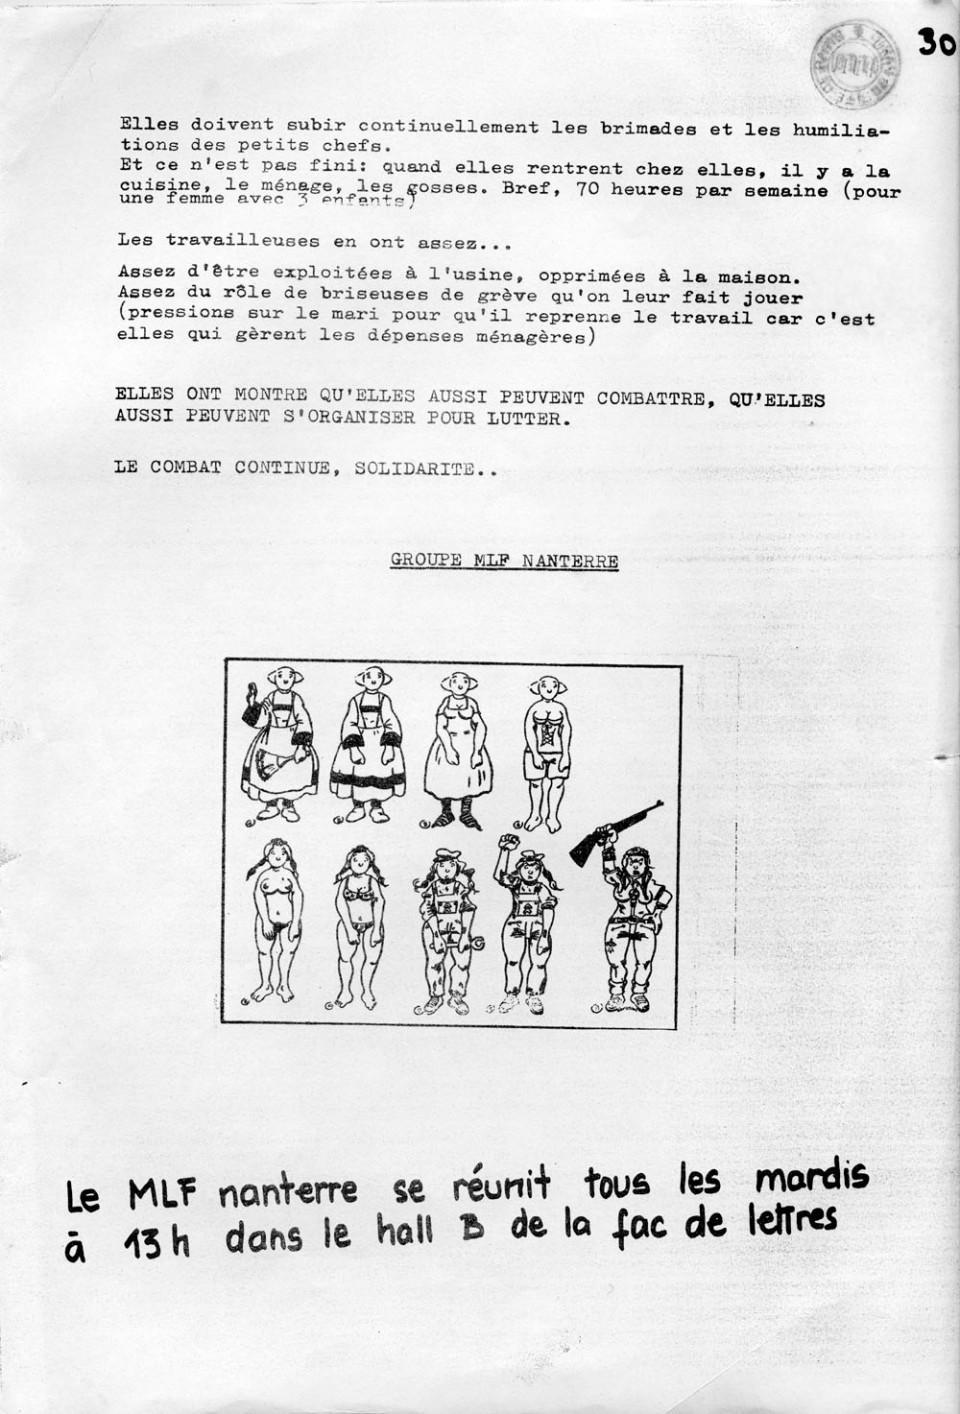 Couverture de la brochure « Les cocottes éclatent », 1973